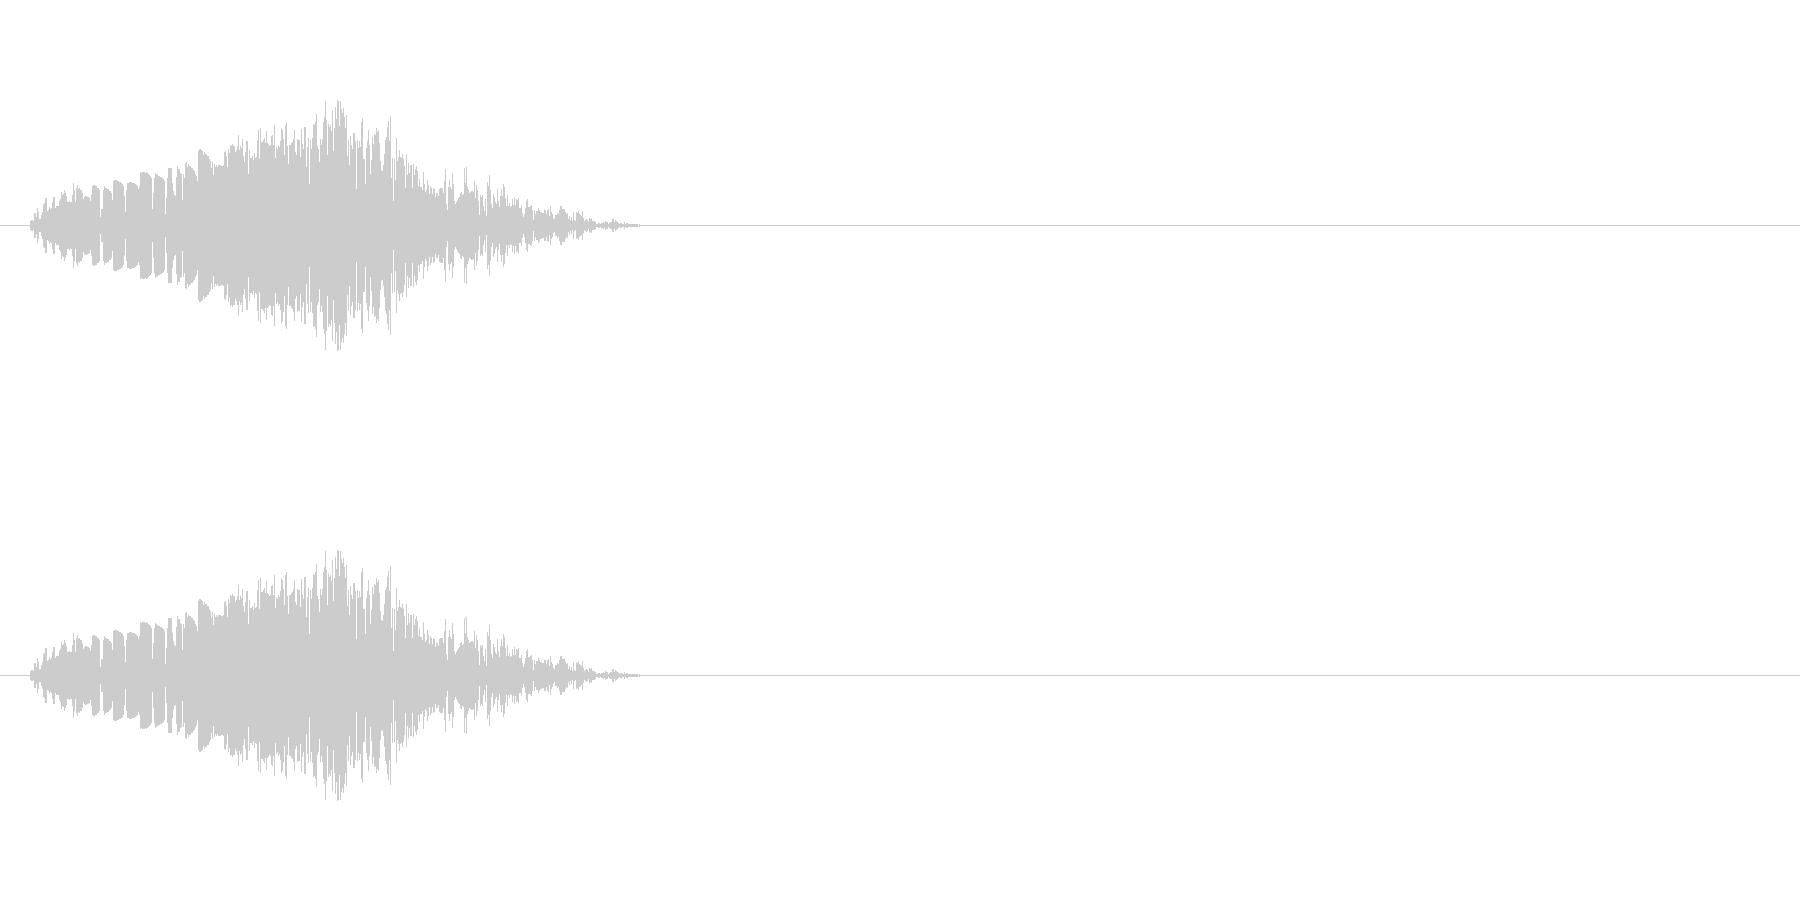 コミカルな打撃音の未再生の波形